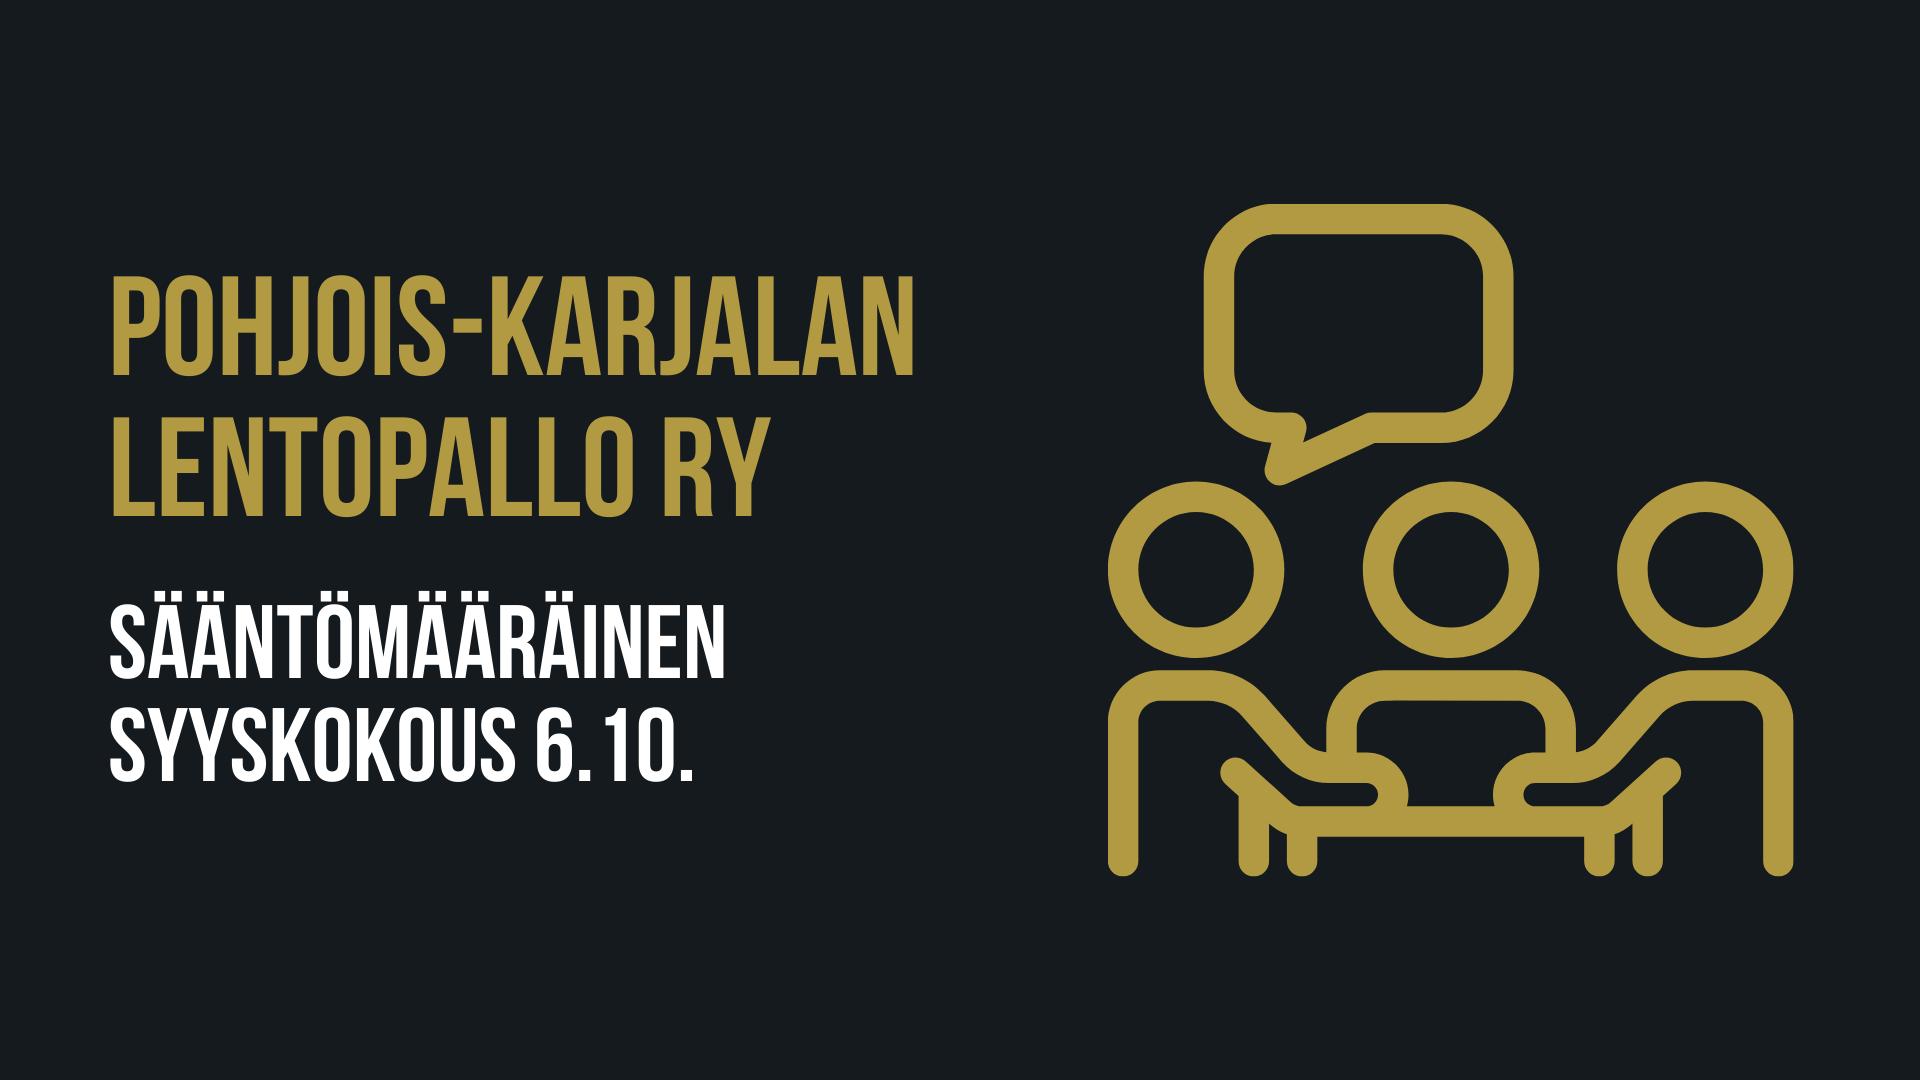 POHJOIS-KARJALAN LENTOPALLO RY SÄÄNTÖMÄÄRÄINEN SYYSKOKOUS  2020